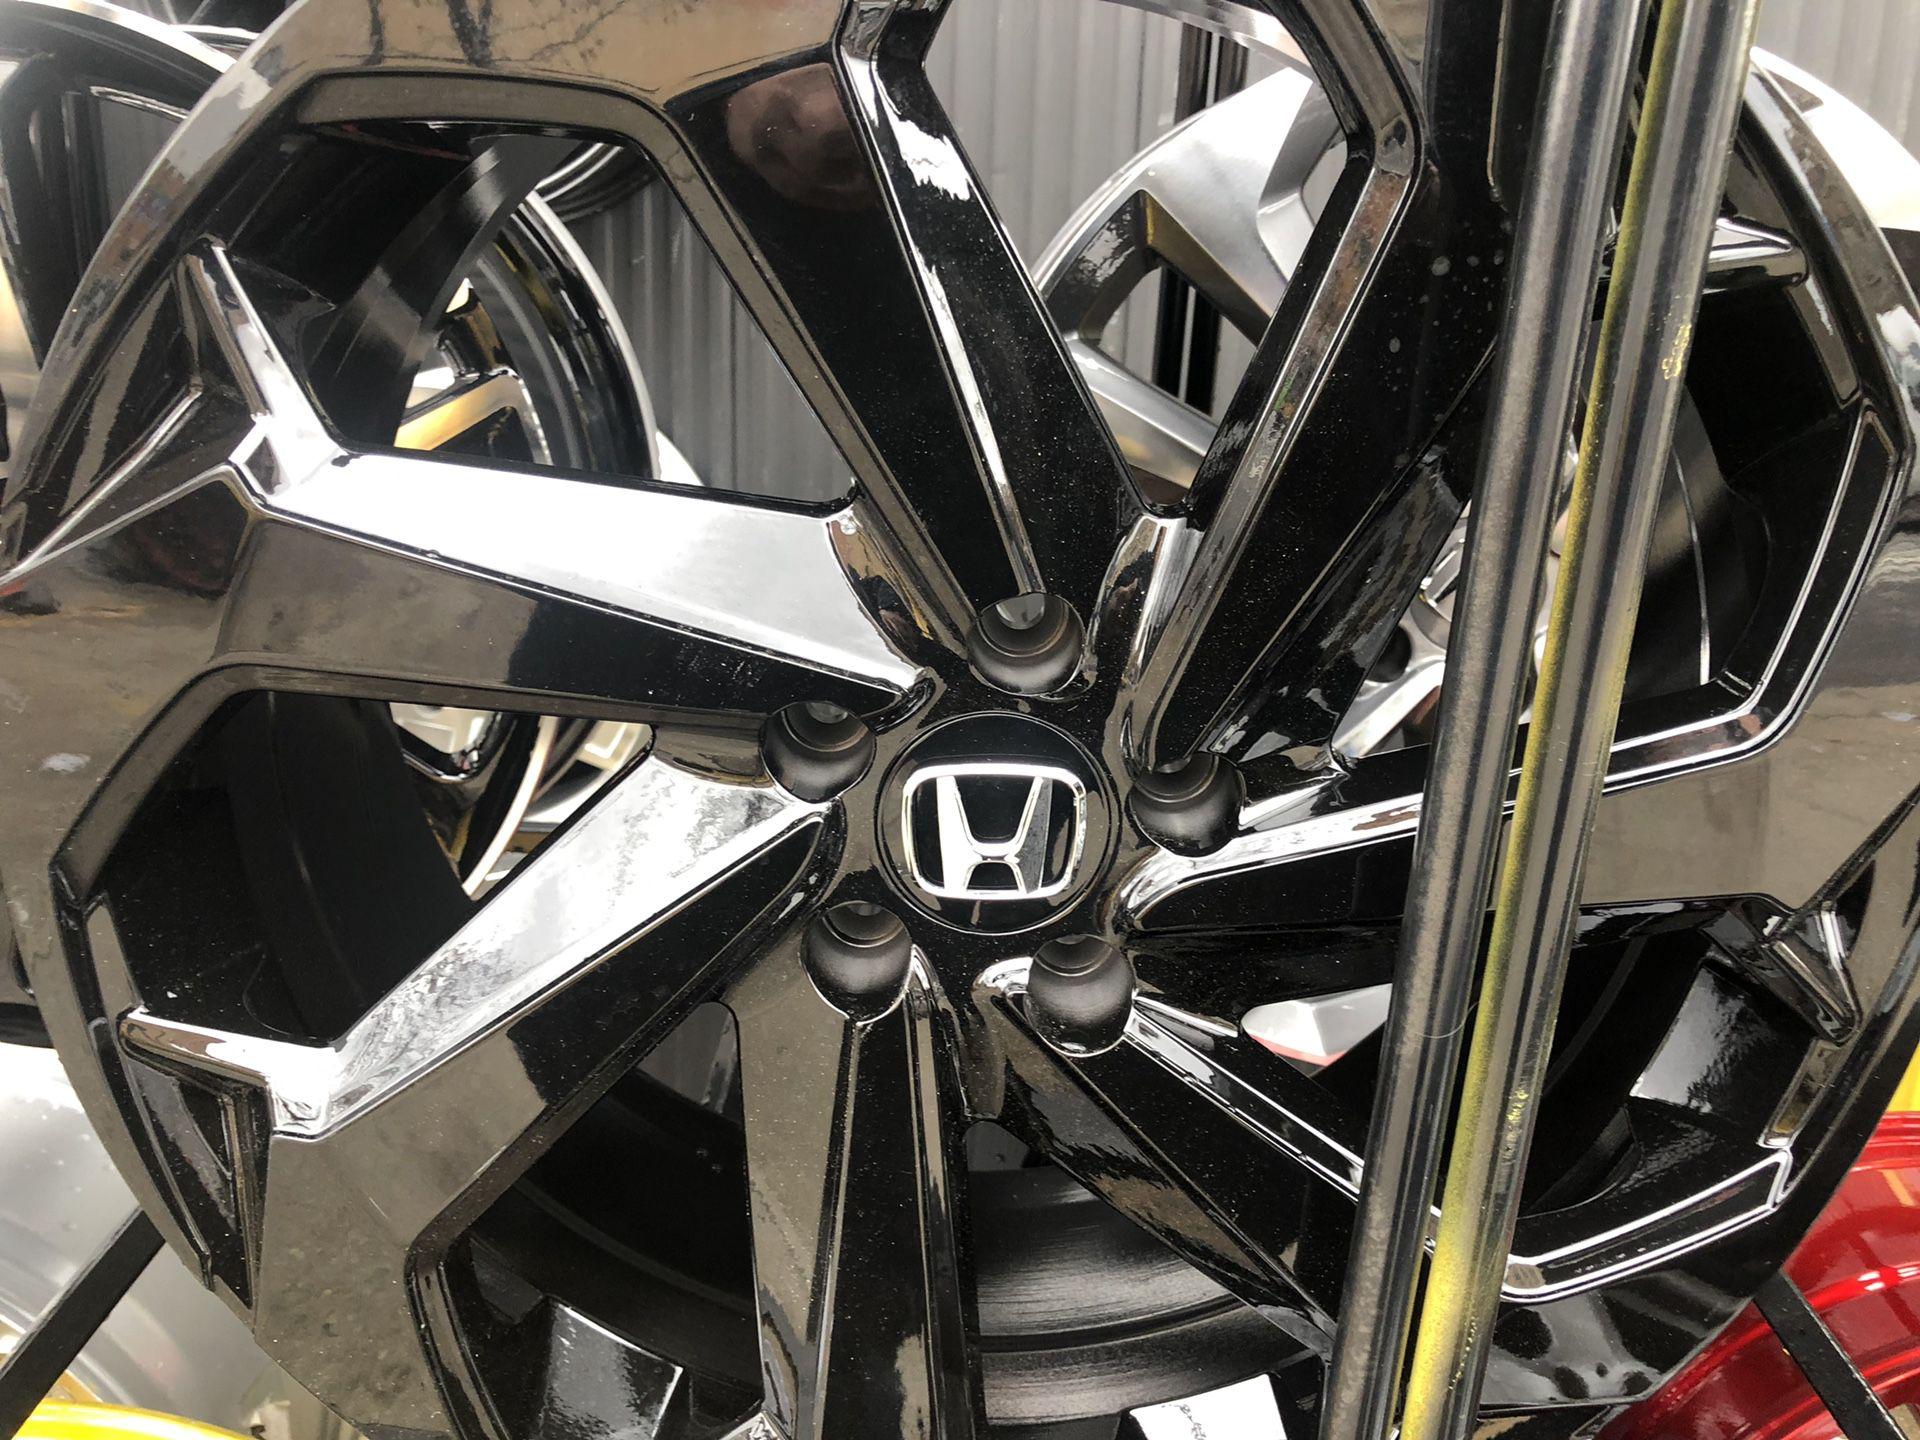 Honda Accord rims 20 5-114.3